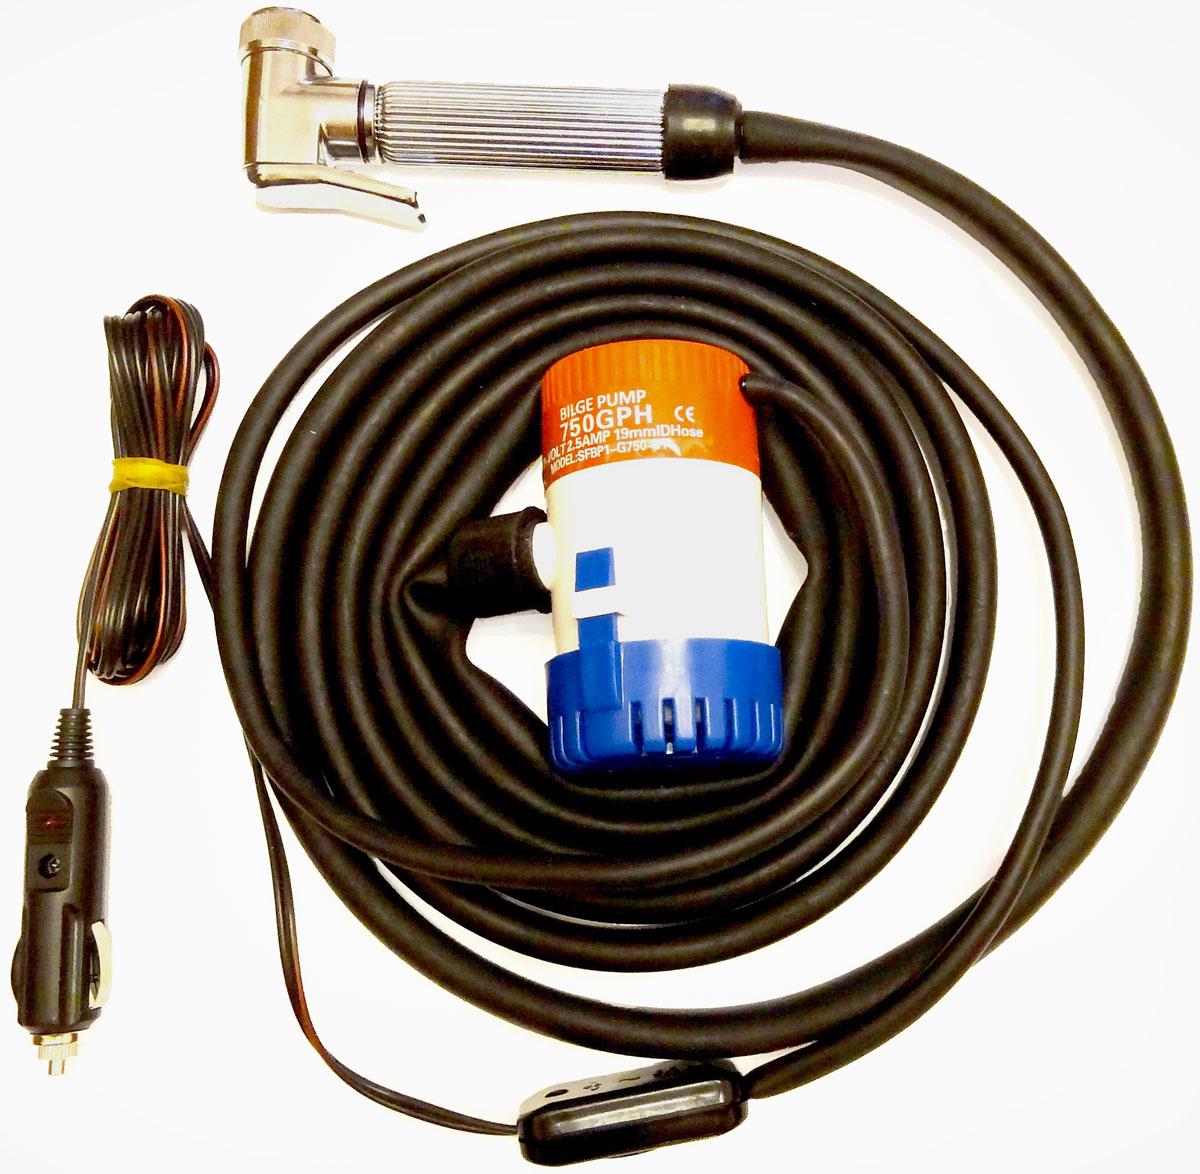 Минимойка Балио Лонгер-душ-компакт, без емкости. М200М200Минимойку Балио Лонгер-душ-компакт можно использовать как для мойки автомобилей, так и в качестве душа на даче, на пикнике или в пути, а также для поливки растений и мытья фруктов и овощей.Особенности:- В минимойке Лонгер-Компакт применяется специальный американский мотор-насос с длительным сроком службы, позволяющим при минимальном расходе тока и малых габаритах прокачивать значительный объём воды: 5 л/мин (а со снятой душевой насадкой и шлангом - до 32 л/мин); - Рабочие валы изготовлены из нержавеющей стали;- На насосе имеется сетка, предотвращающая попадание грязи внутрь насоса;- Шланг минимойки изготовлен из специального каучука и остается мягким и эластичным даже при отрицательной температуре воздуха;- Минимойка укомплектована удобным душем с хромовым покрытием и с плавной регулировкой расхода воды;- Для мойки автомобиля может использоваться вода температурой не выше 45°С, в которую можно добавить любую моющую жидкость;- Специально подобранный электропровод, благодаря резиновым уплотнениям автомобиля, спокойно проходит между дверью и кузовом;- В устройстве применяется штекер с предохранителем, защищающим электропроводку автомобиля при коротком замыкании.Технические характеристики:- режим работы - продолжительный,- питание – постоянный ток,- напряжение - 12 В,- потребляемый ток – 1,9 А,- плавкий предохранитель на 2,5 А,- температура воды – до 45°С,- длина каучукового шланга – 4 м,- длина провода электропитания – 4 м,- срок службы – 5-7 лет.Как выбрать мойку высокого давления. Статья OZON Гид